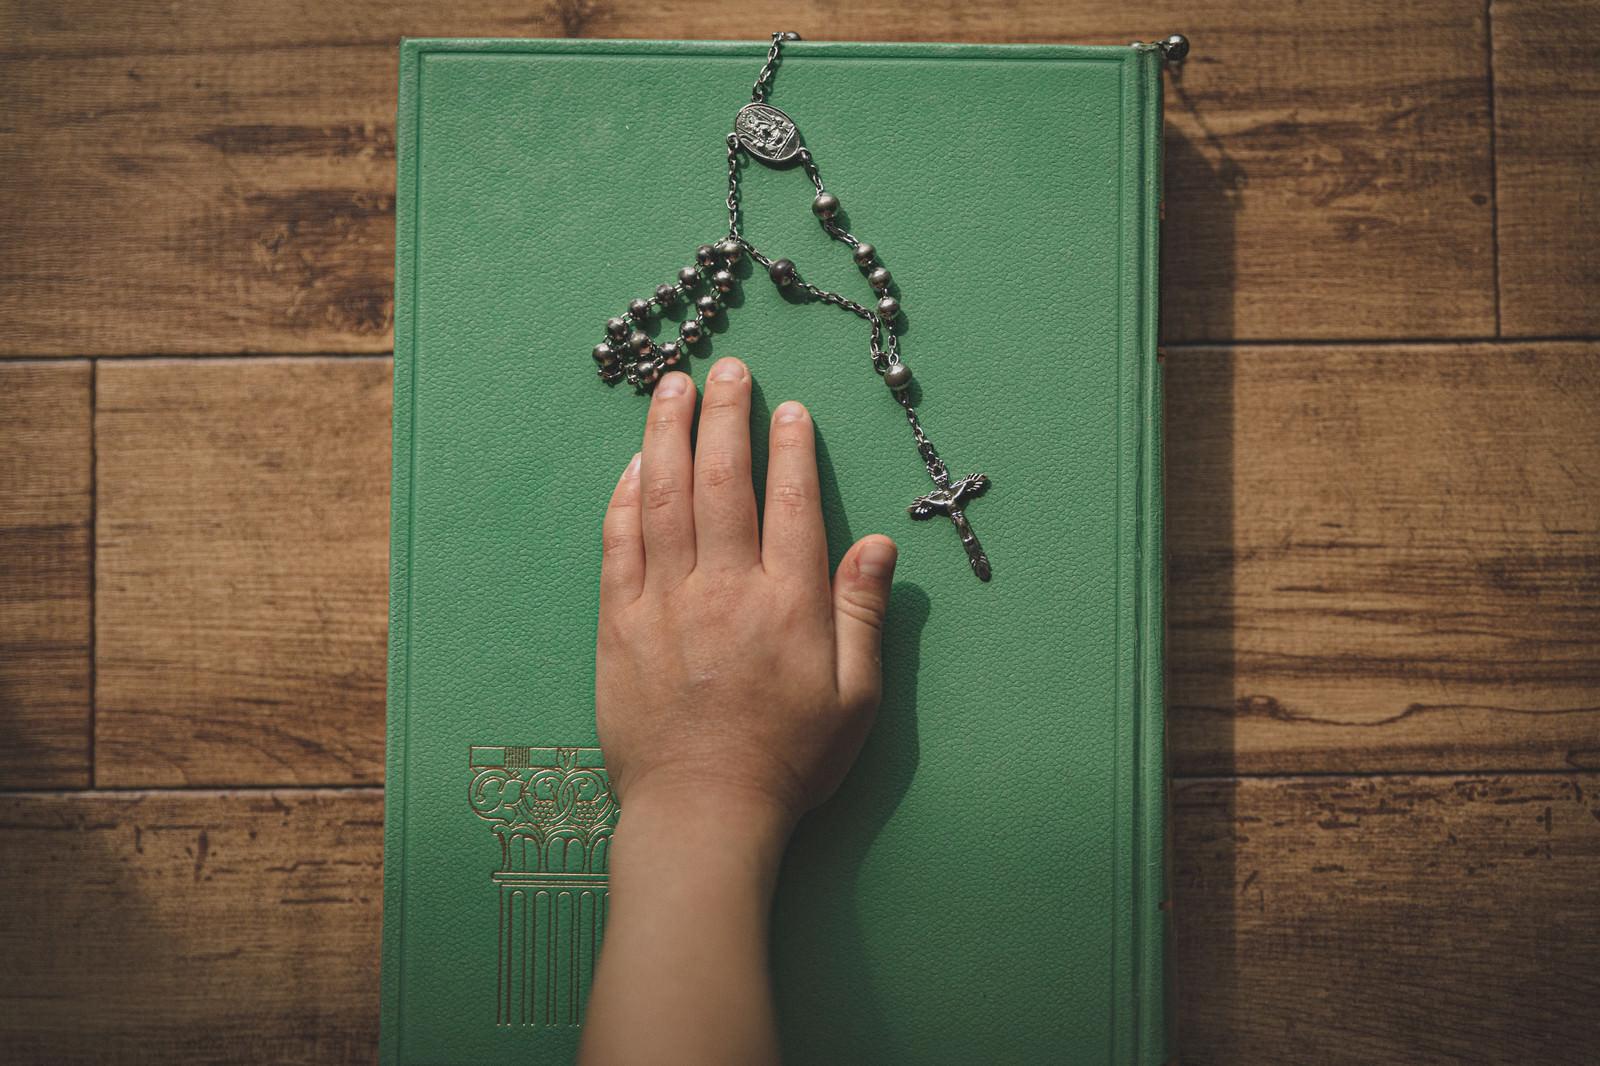 「聖書に手を乗せて行う宣誓」の写真